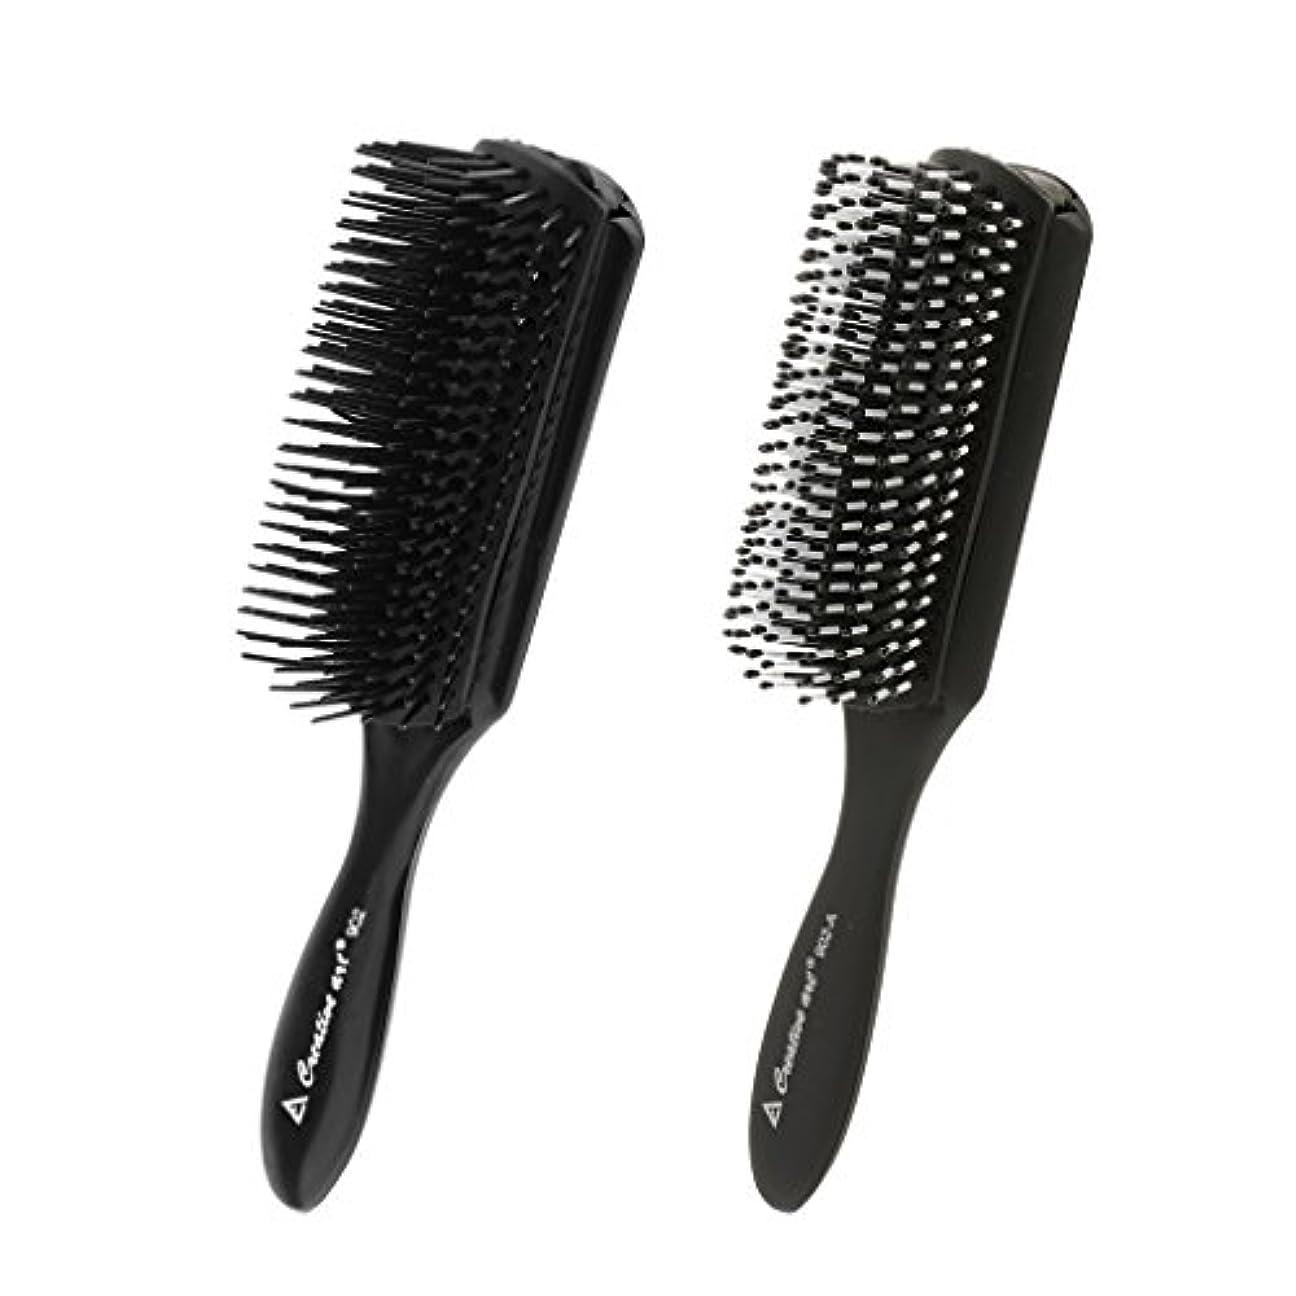 田舎者余裕がある一方、CUTICATE 2本の黒い髪のスタイリングの櫛頭皮マッサージブラシサロン理髪用